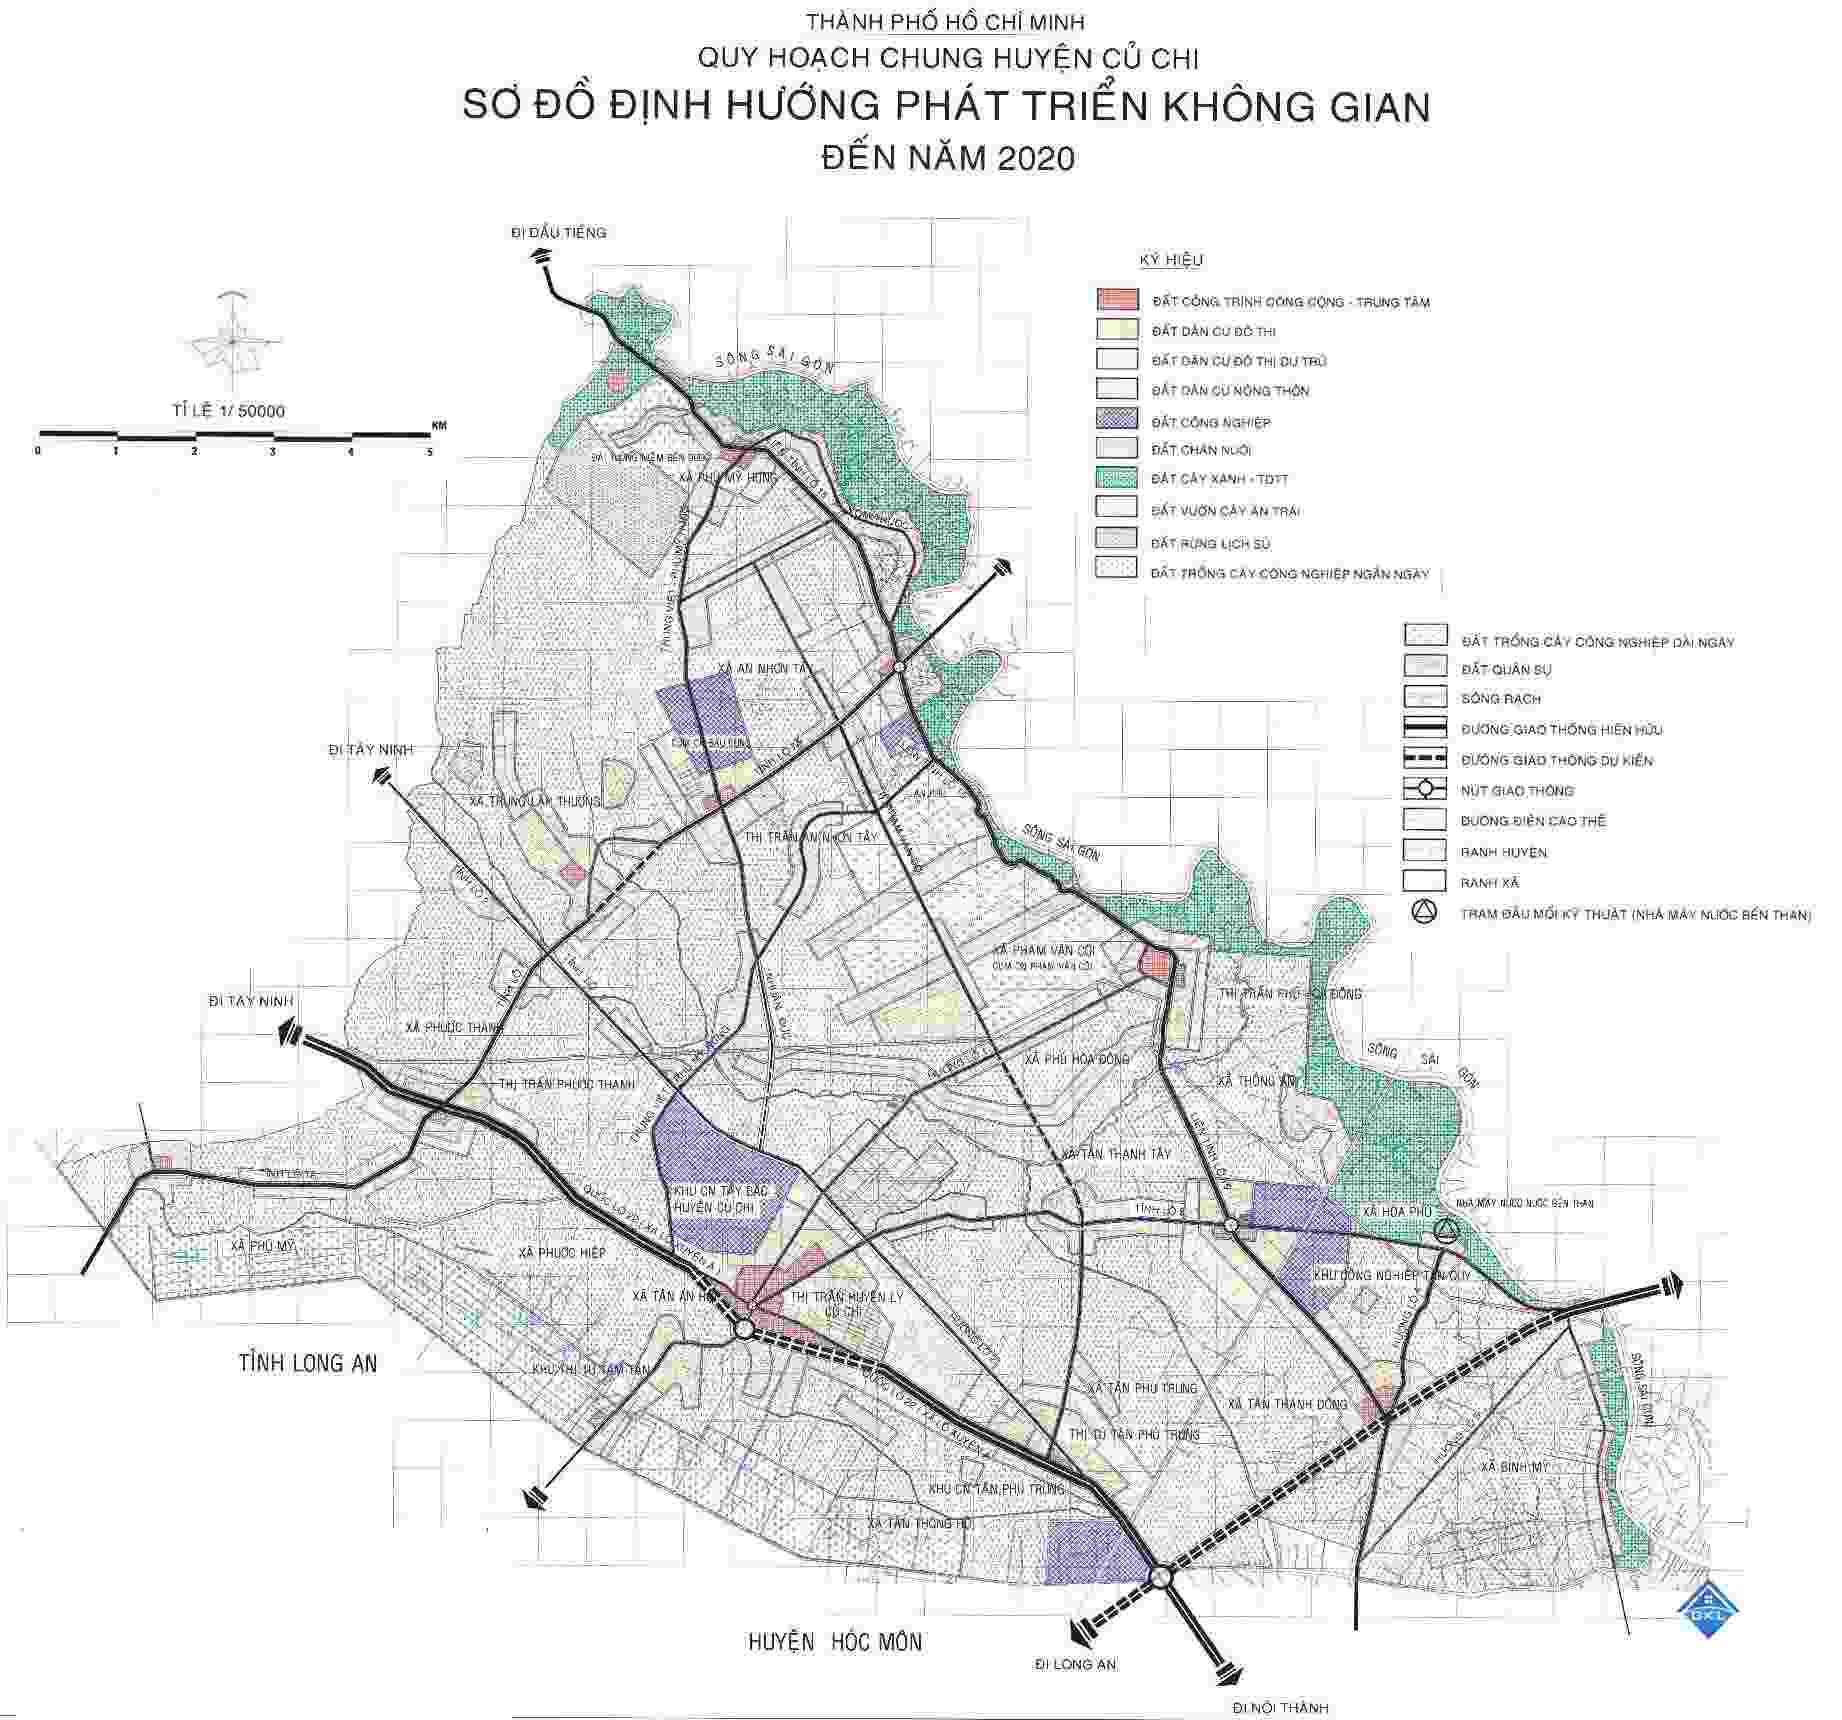 Quy hoạch huyện Củ Chi Tp compressed - Quy hoạch huyện Củ Chi giai đoạn 2019 -2020